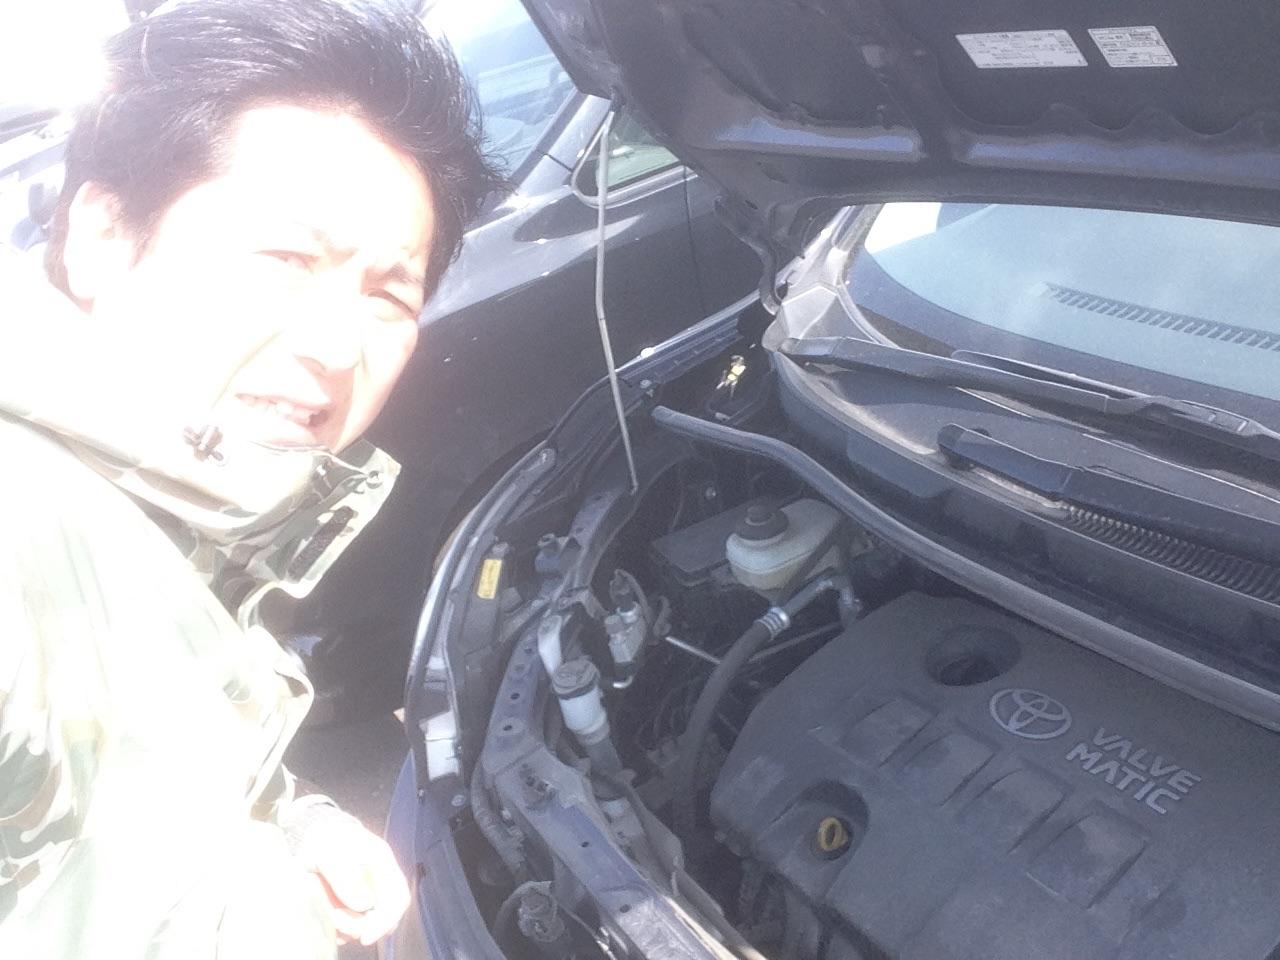 3月25日(水)トミーアウトレット☆O様ekワゴンご成約!!軽自動車☆コンパクトカー☆ローンサポート☆_b0127002_18473089.jpg